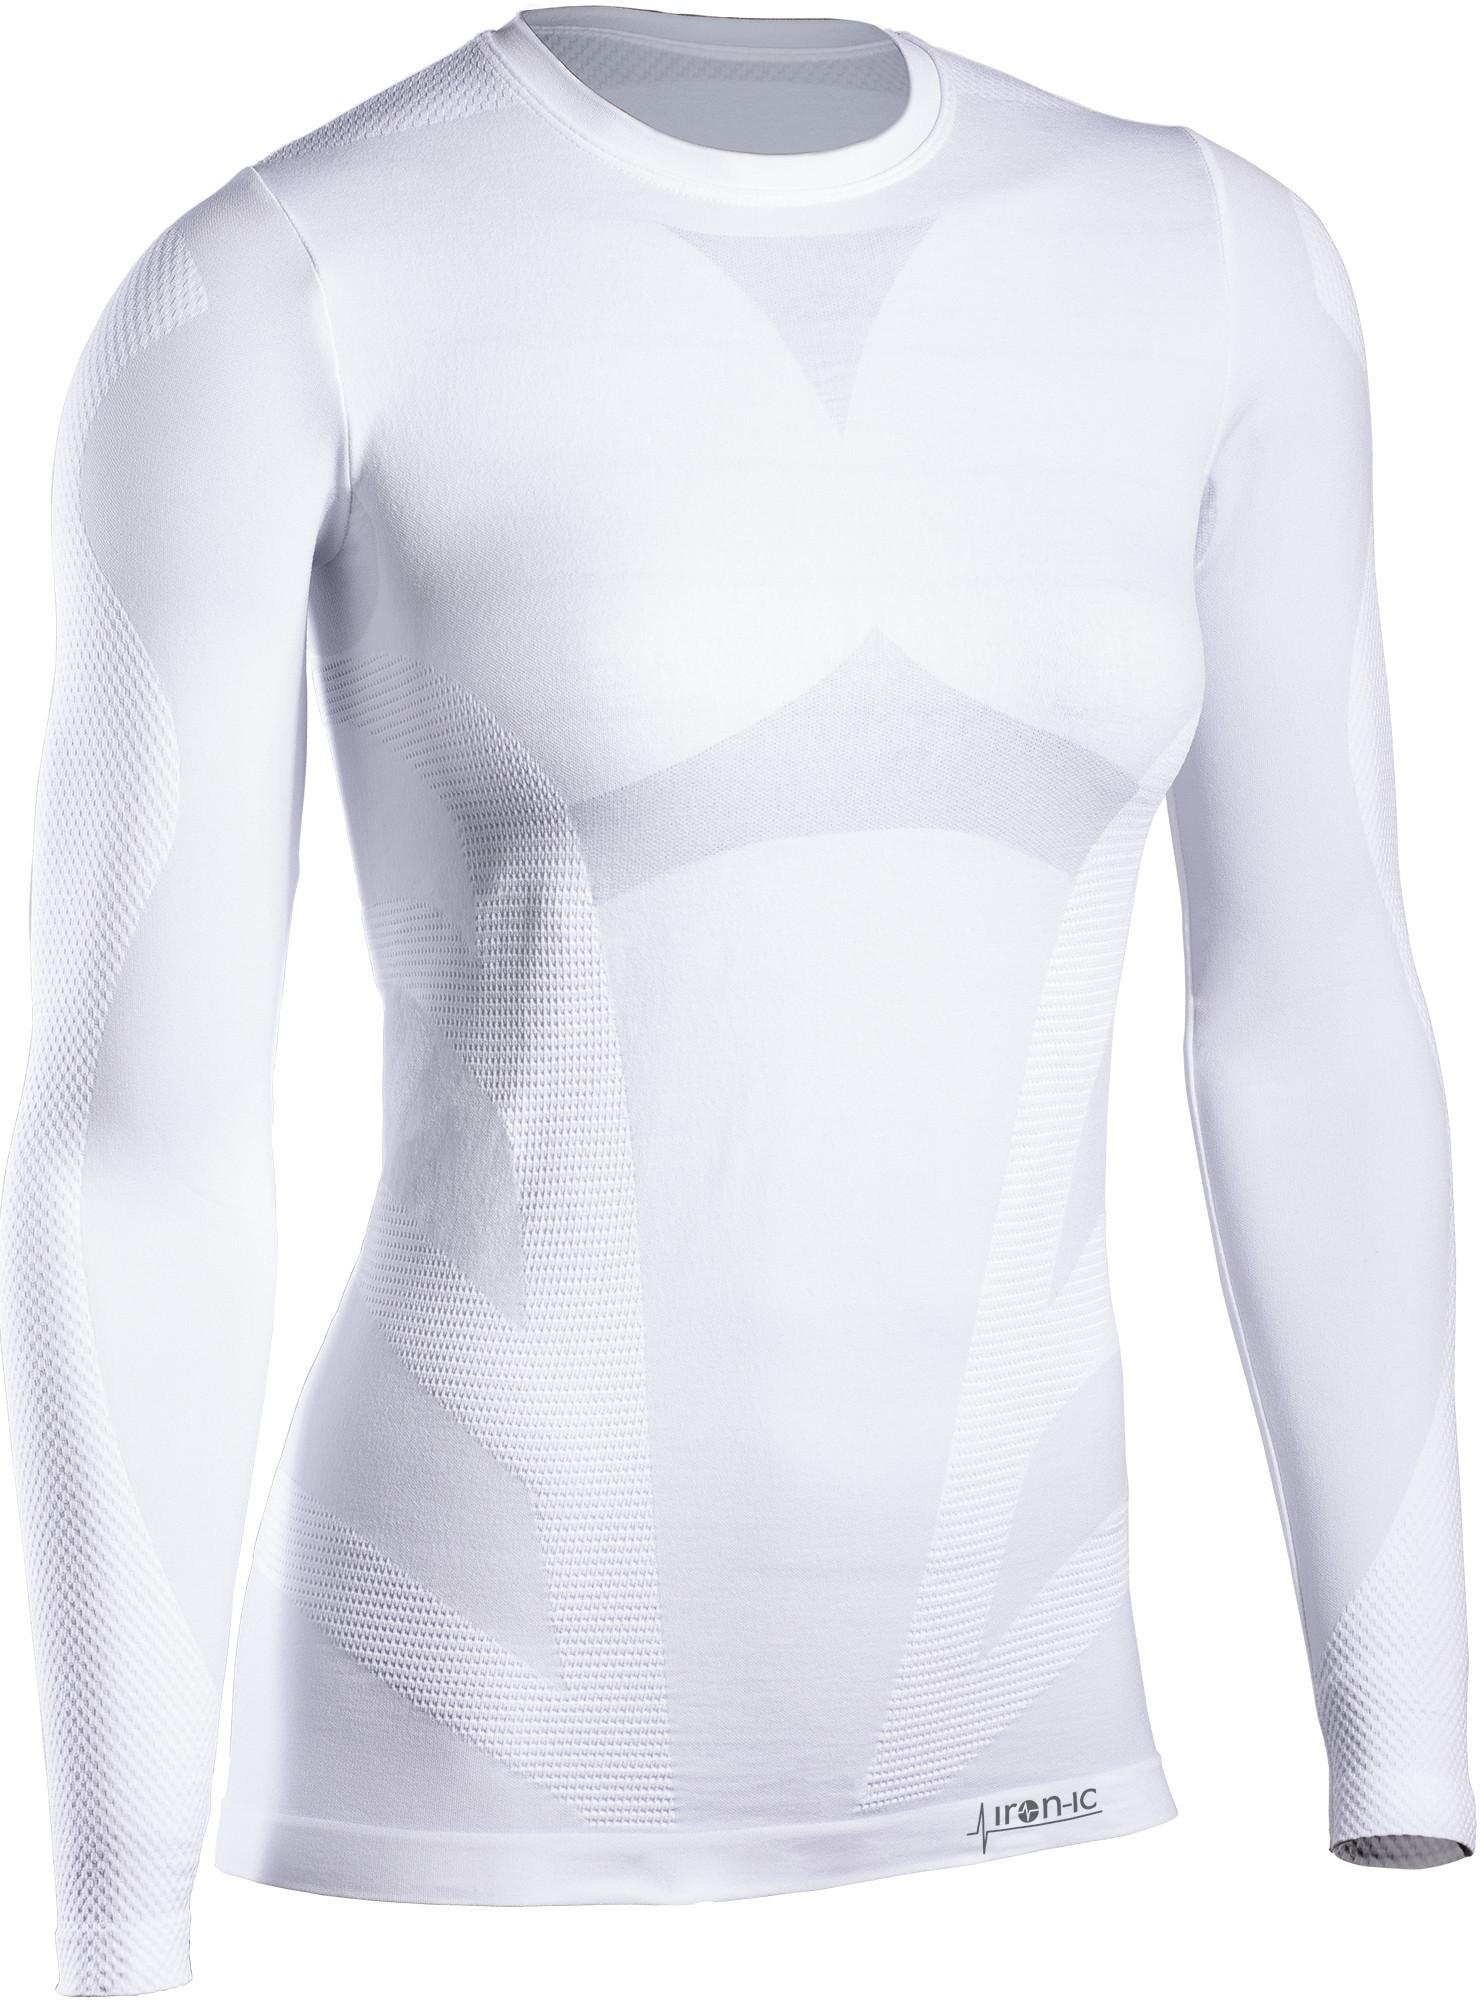 Dámske termo tričko s dlhým rukávom IRON-IC Farba: Biela, Veľkosť L / XL